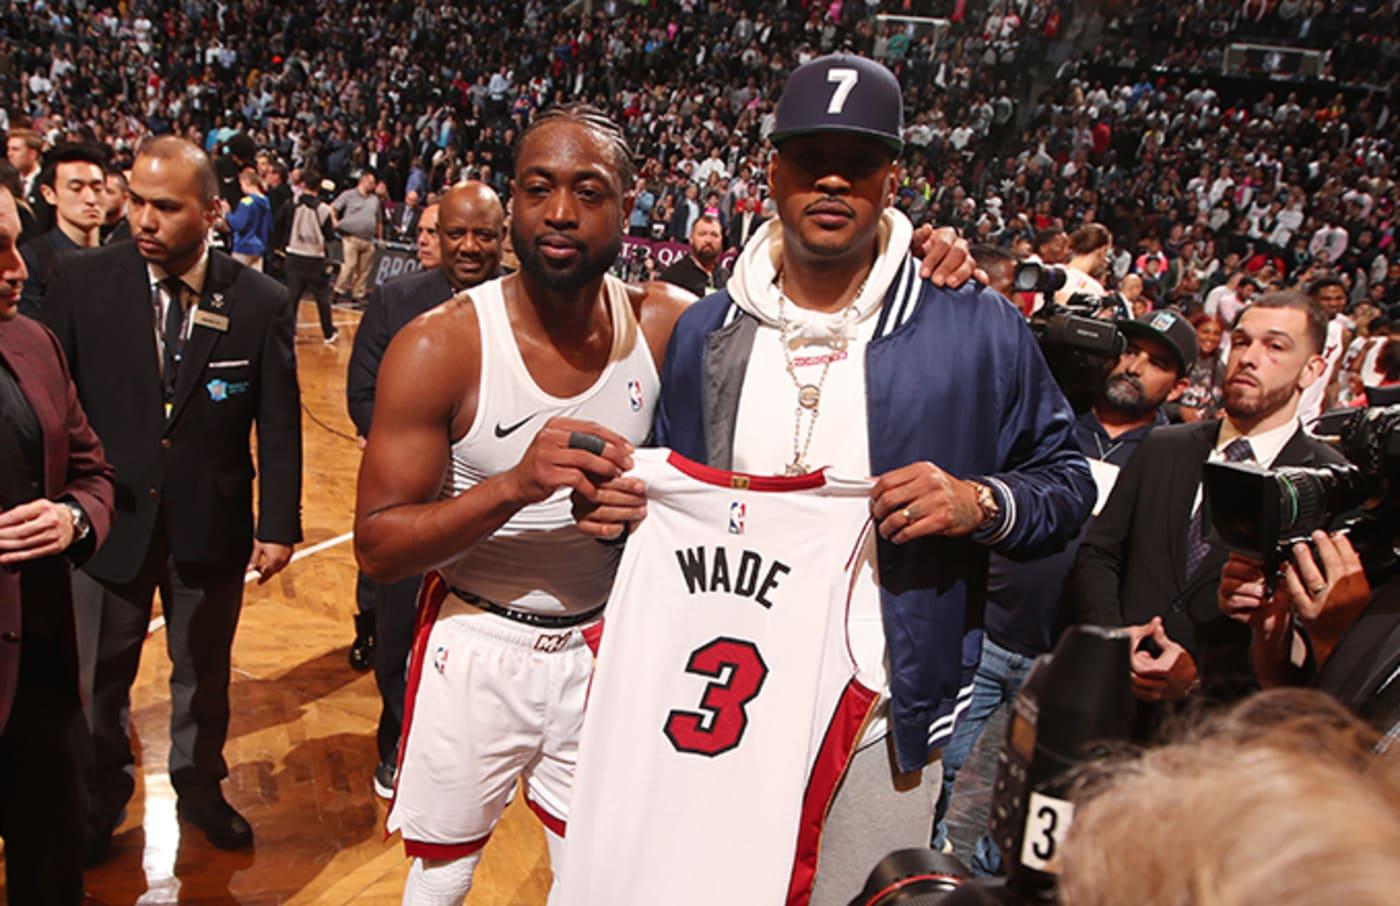 Dwyane Wade and Carmelo Anthony